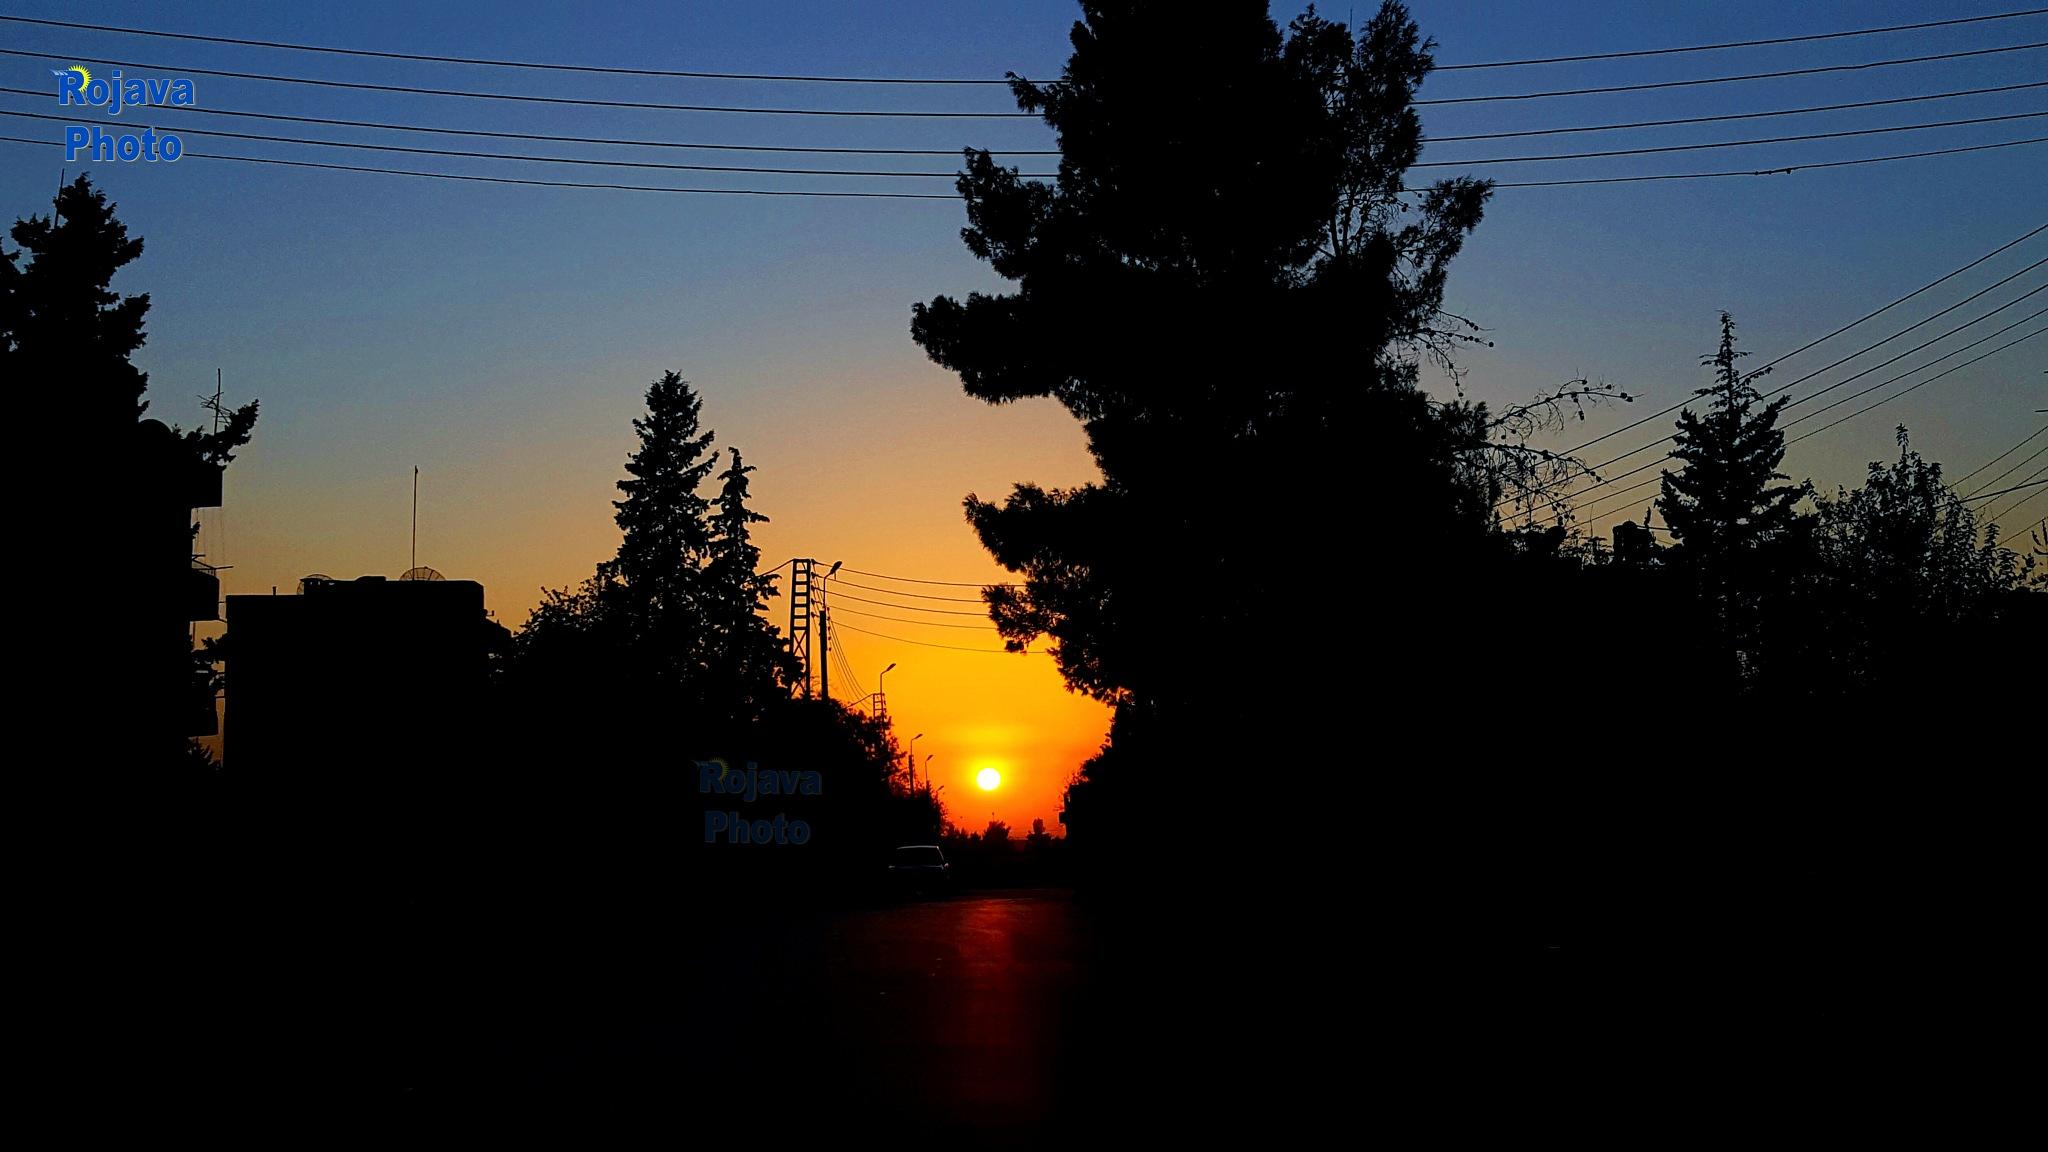 غروب الشمس في بلدة رميلان. Sunsets in the city of Rmelan. Al Hasaka,Rmelan #Rojava_Photo/Kani Mohamm by Kani Mhmad